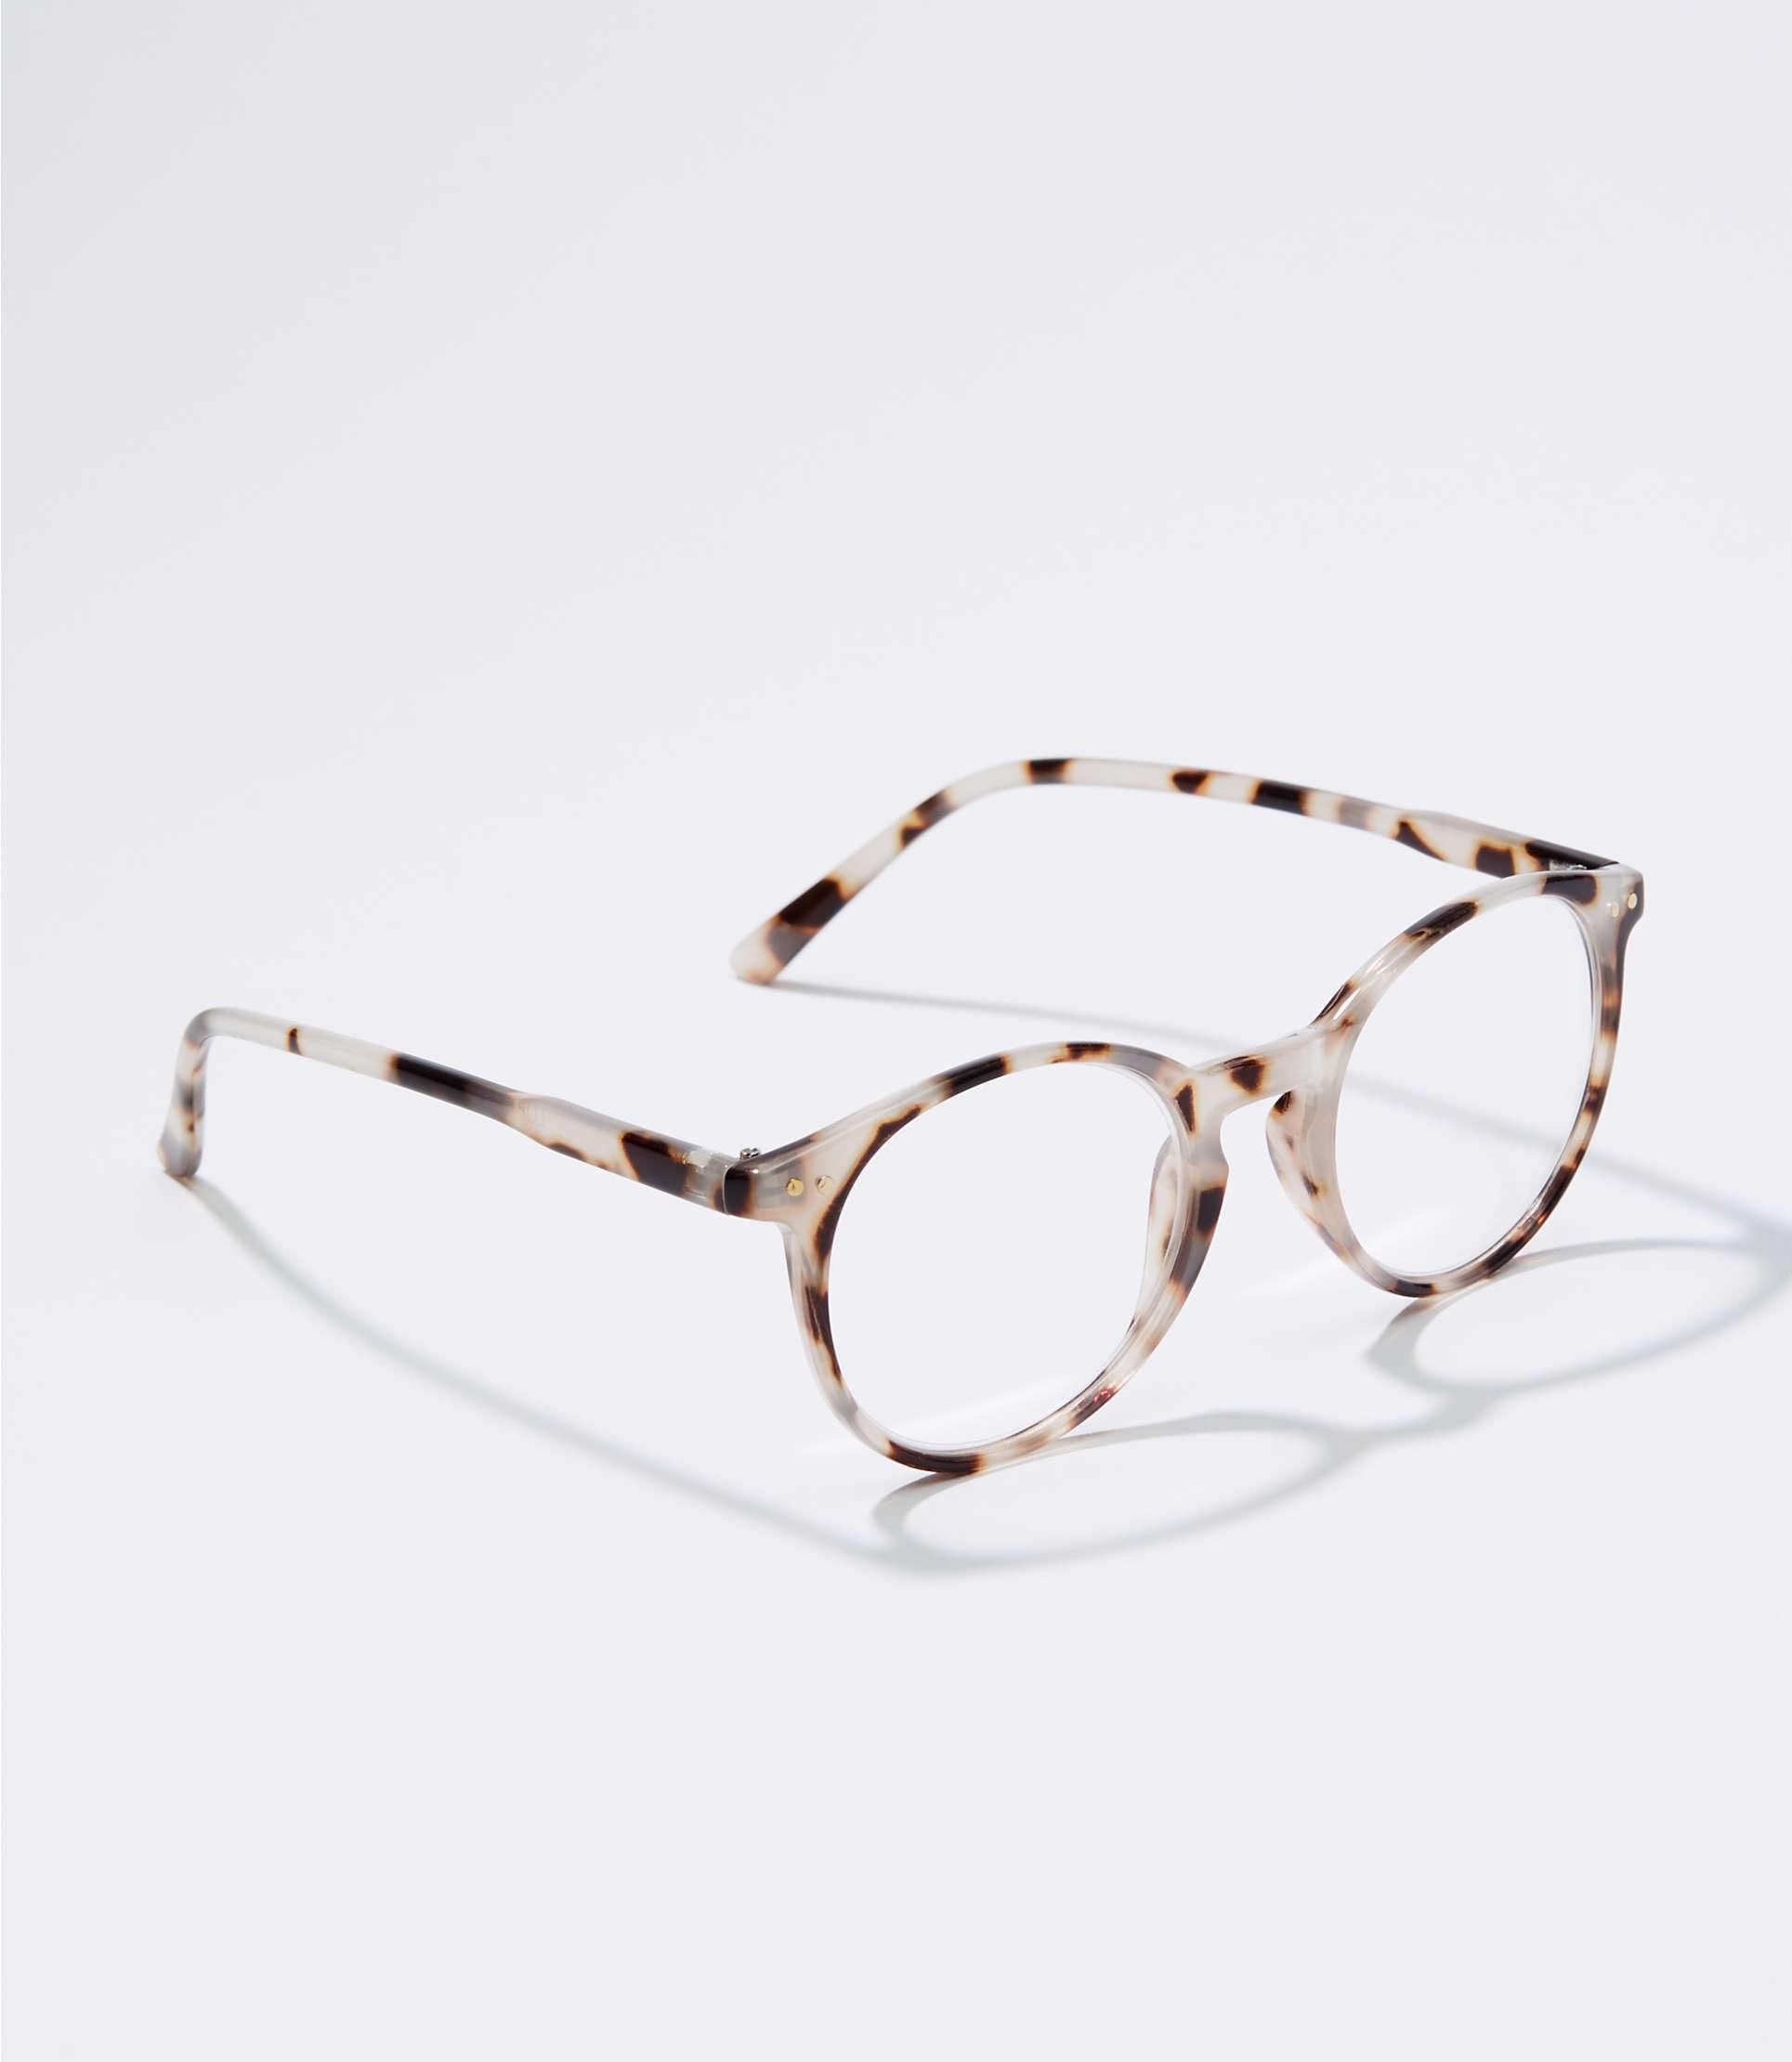 63c2b5e084 LOFT. Women s Tortoiseshell Print Round Reading Glasses